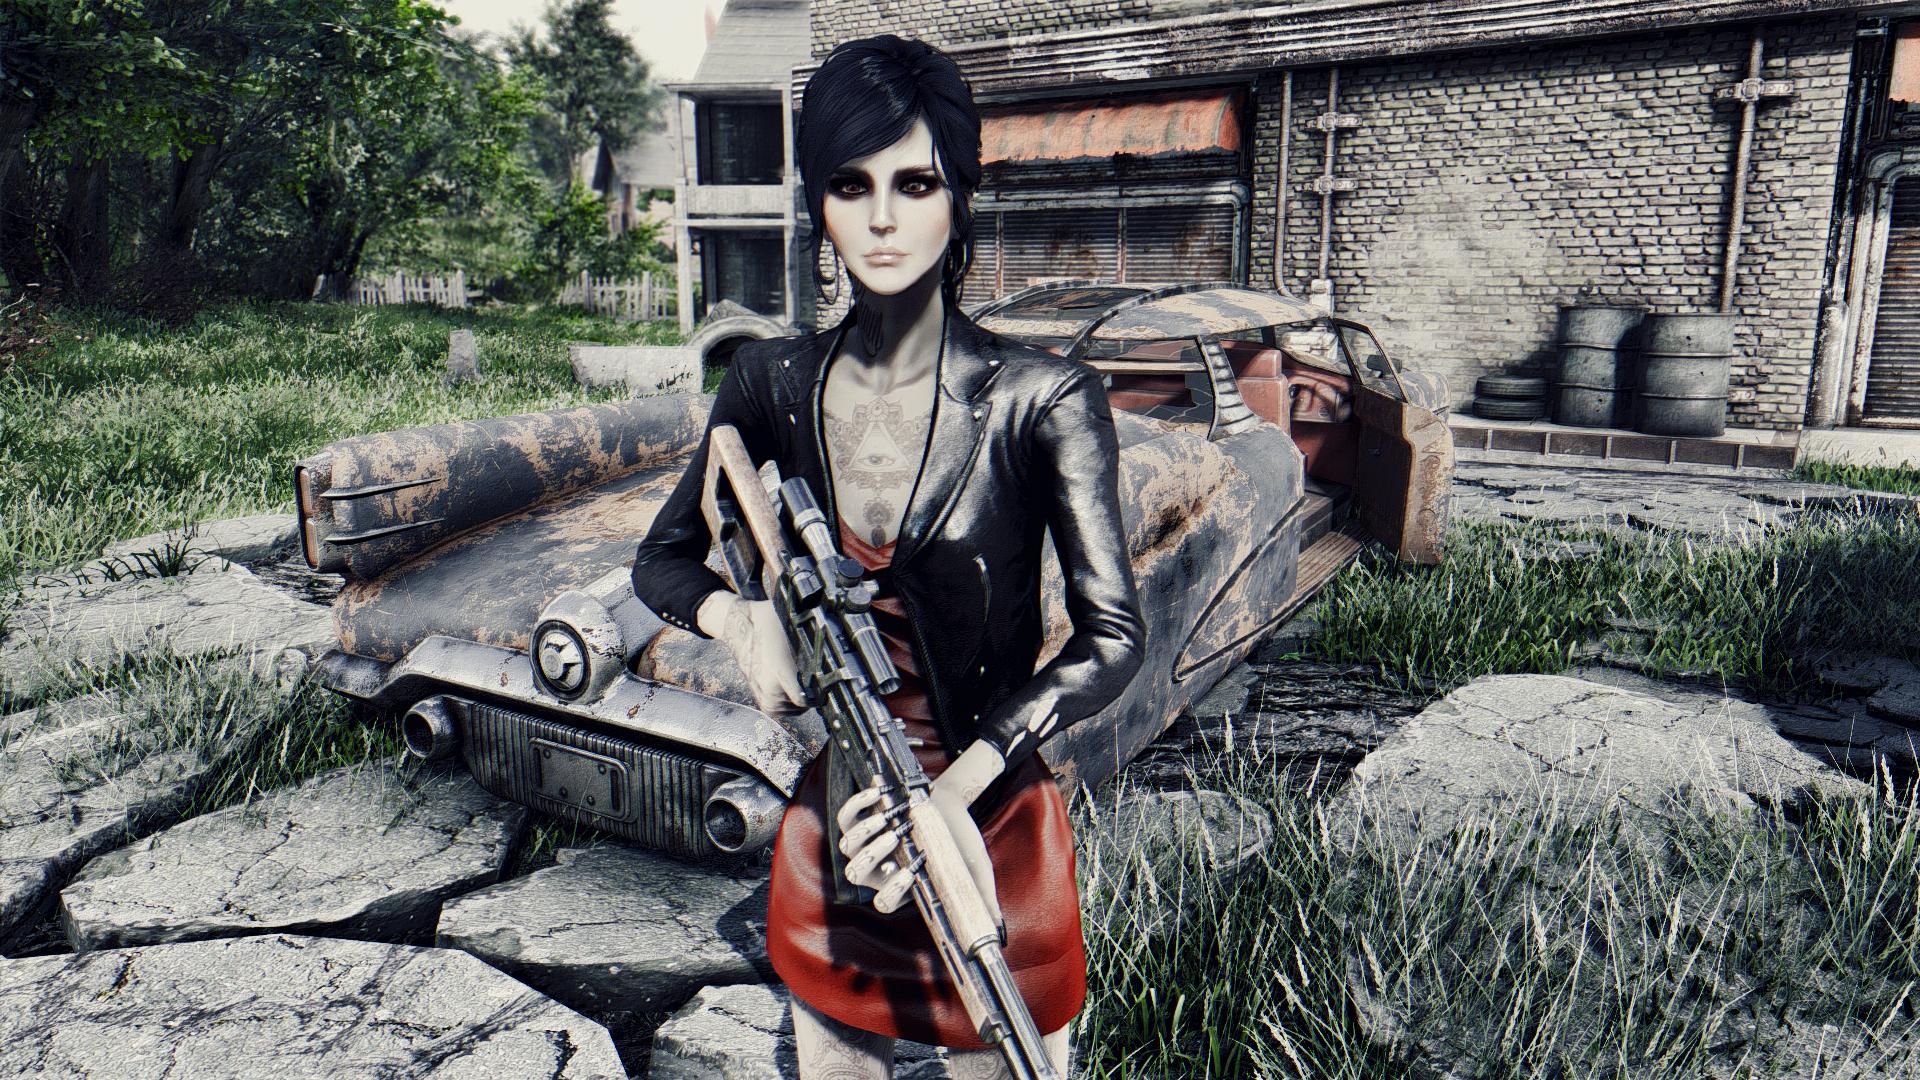 Fallout 4 Screenshot 2019.06.07 - 12.51.54.16.png